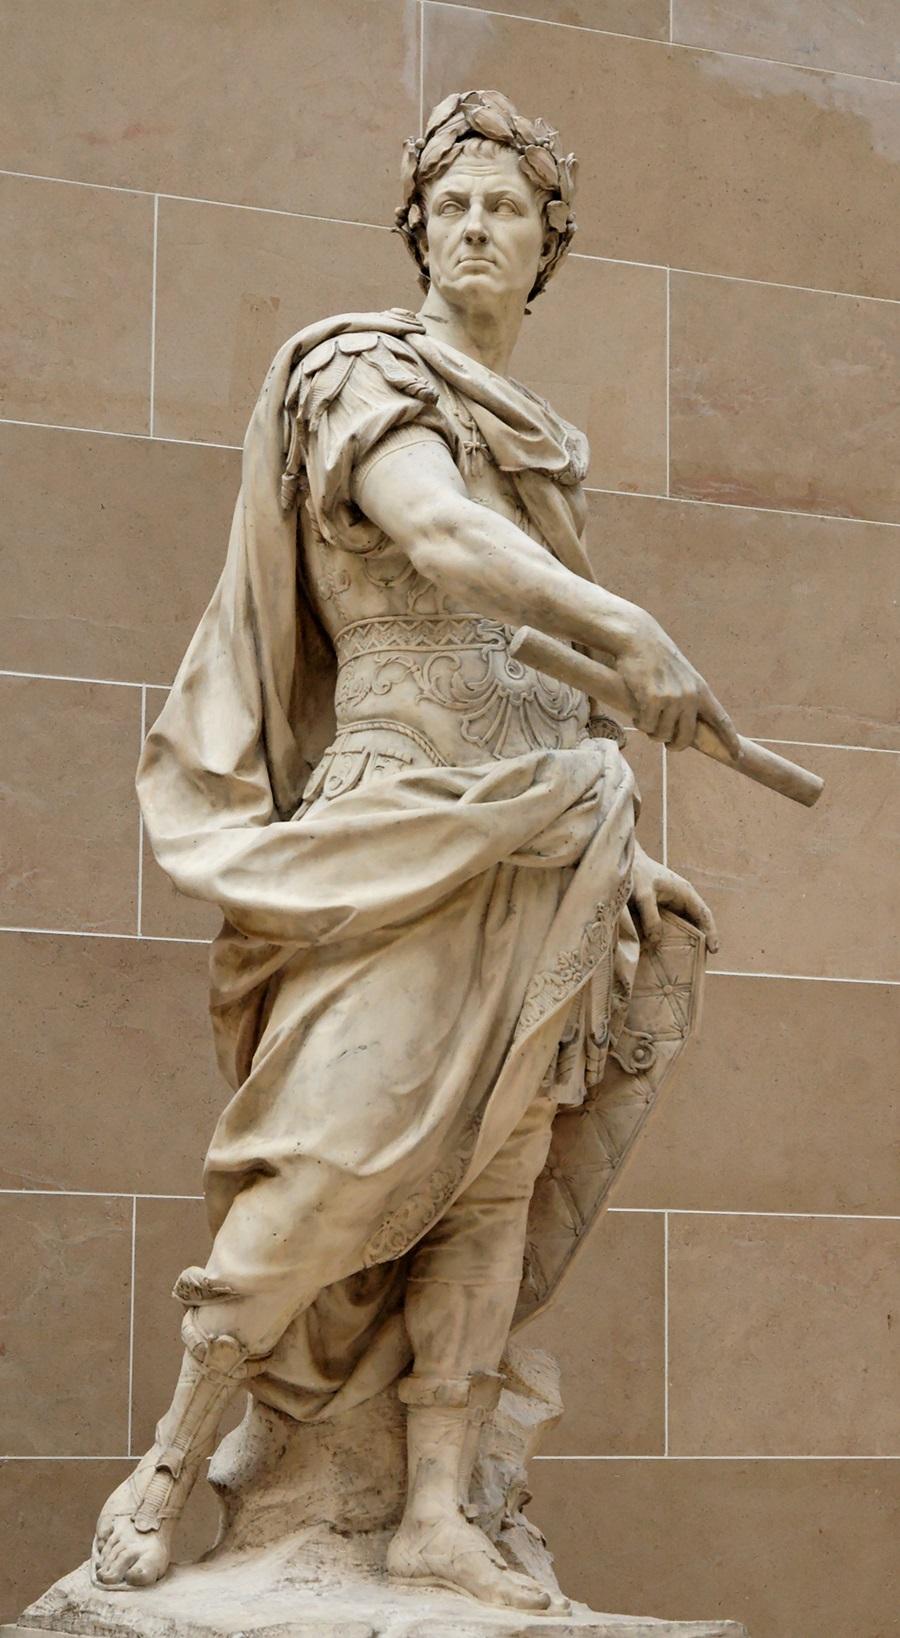 ガイウス・ユリウス・カエサル Julius_Caesar_Coustou_Louvre_MR1798